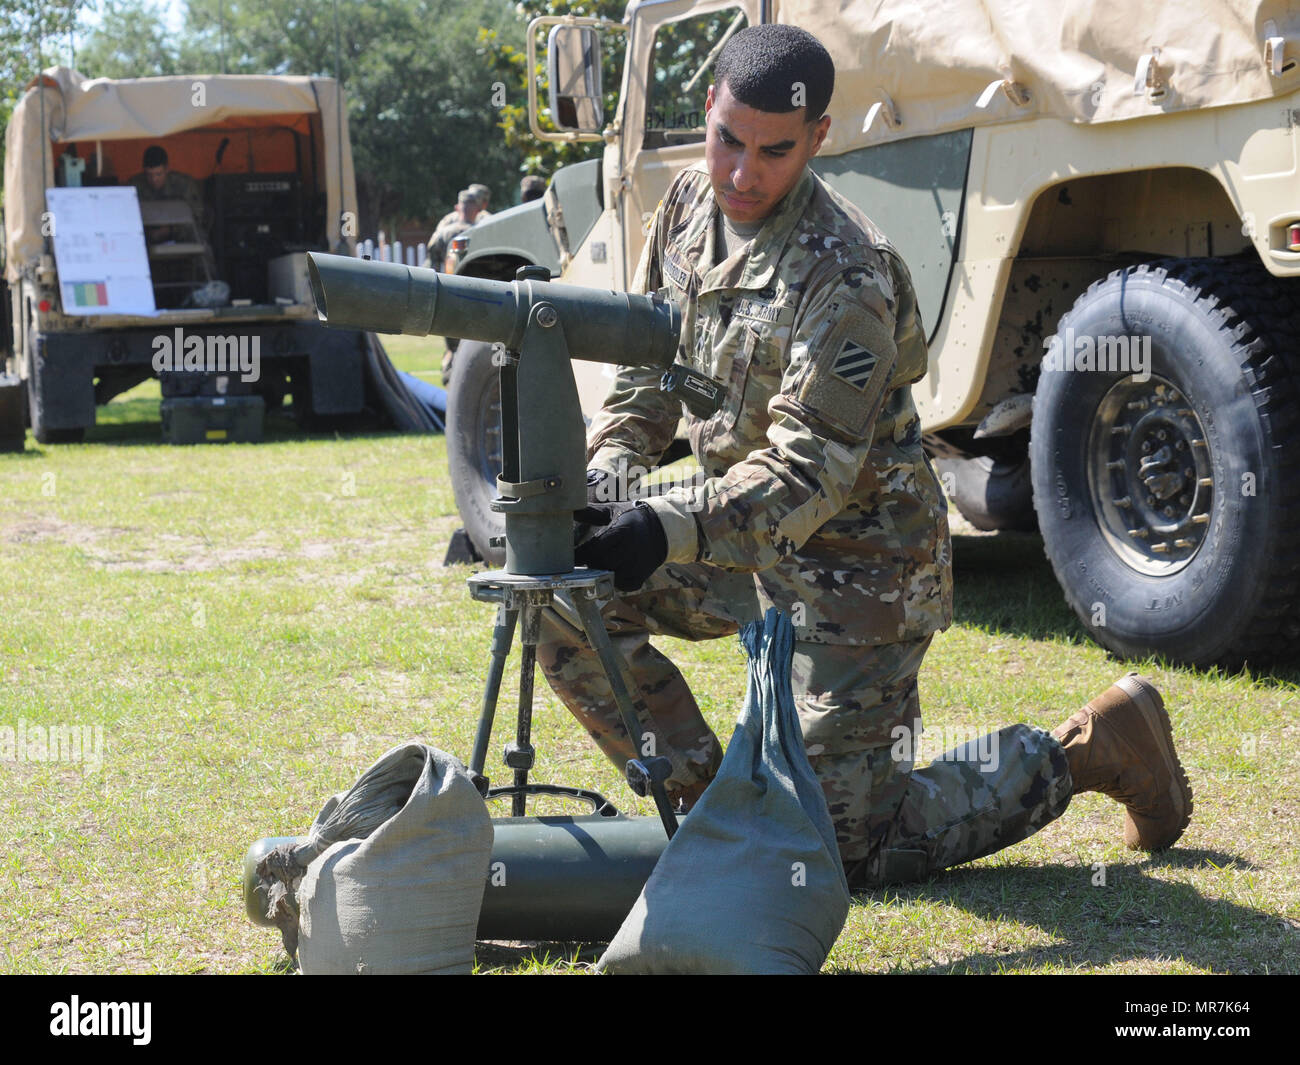 Laser Entfernungsmesser Militär : Laser cannon stockfotos bilder alamy